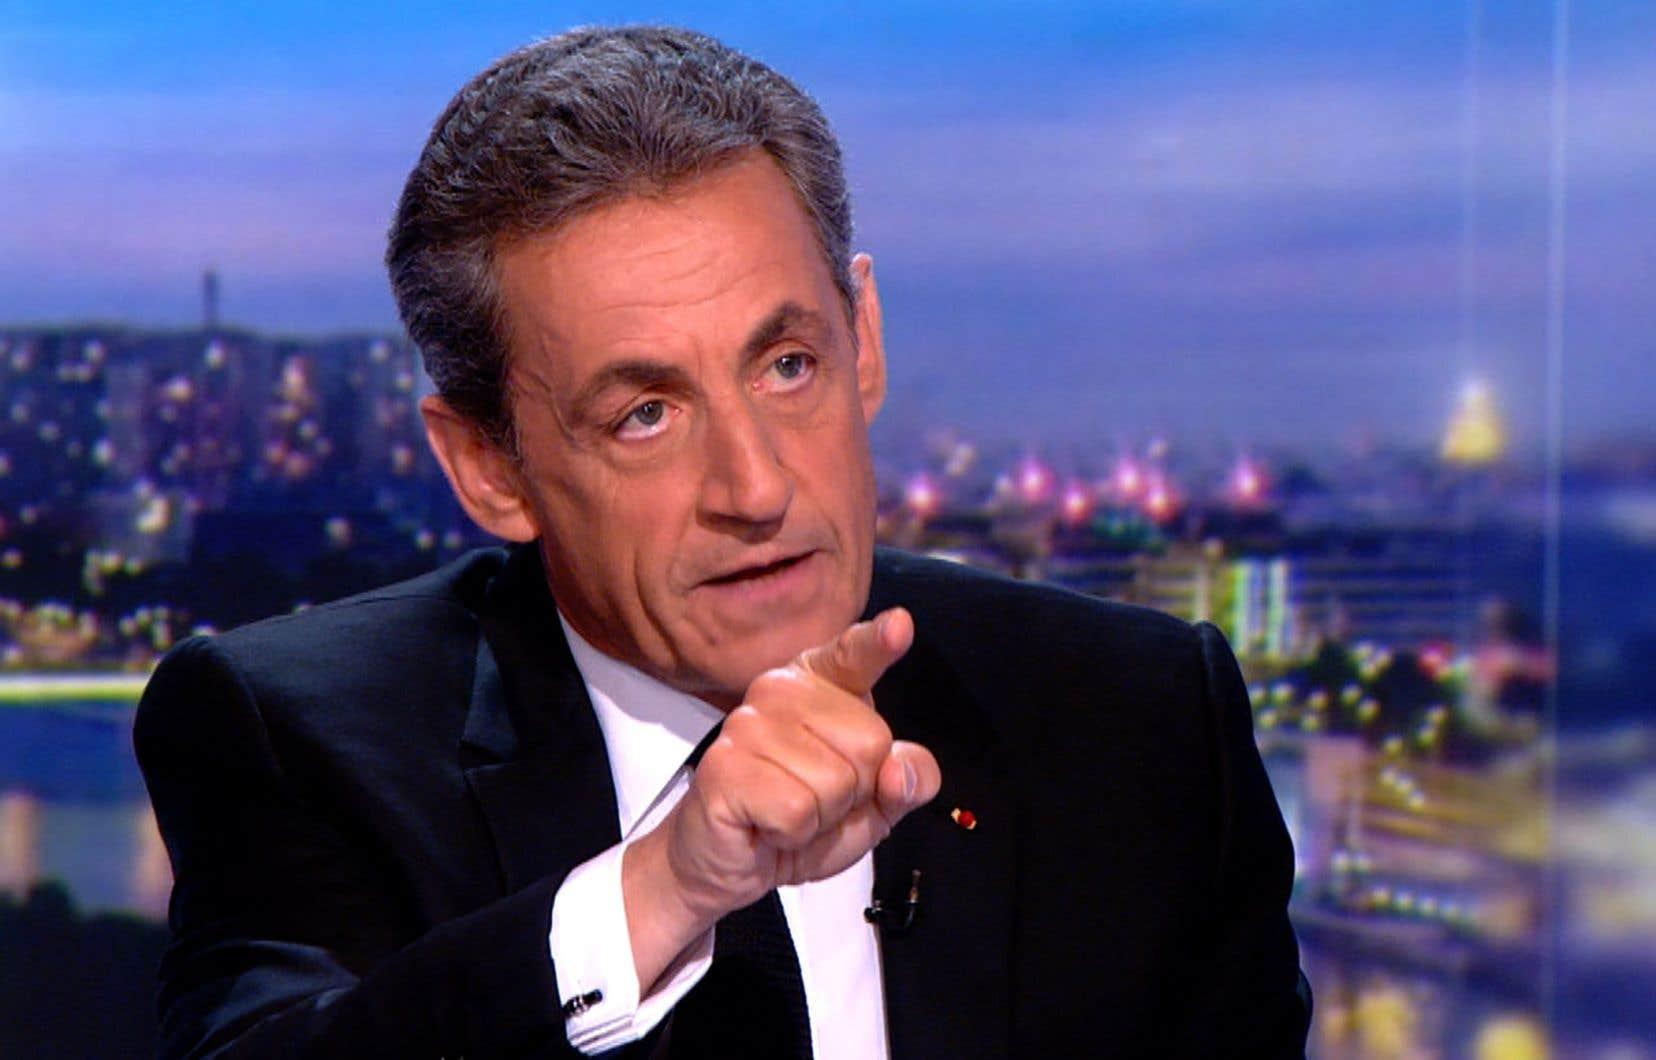 «Je dois aux Français la vérité: je n'ai jamais trahi leur confiance», a déclaré l'ex-chef de l'État au journal de 20heures sur la chaîne de télévision TF1.